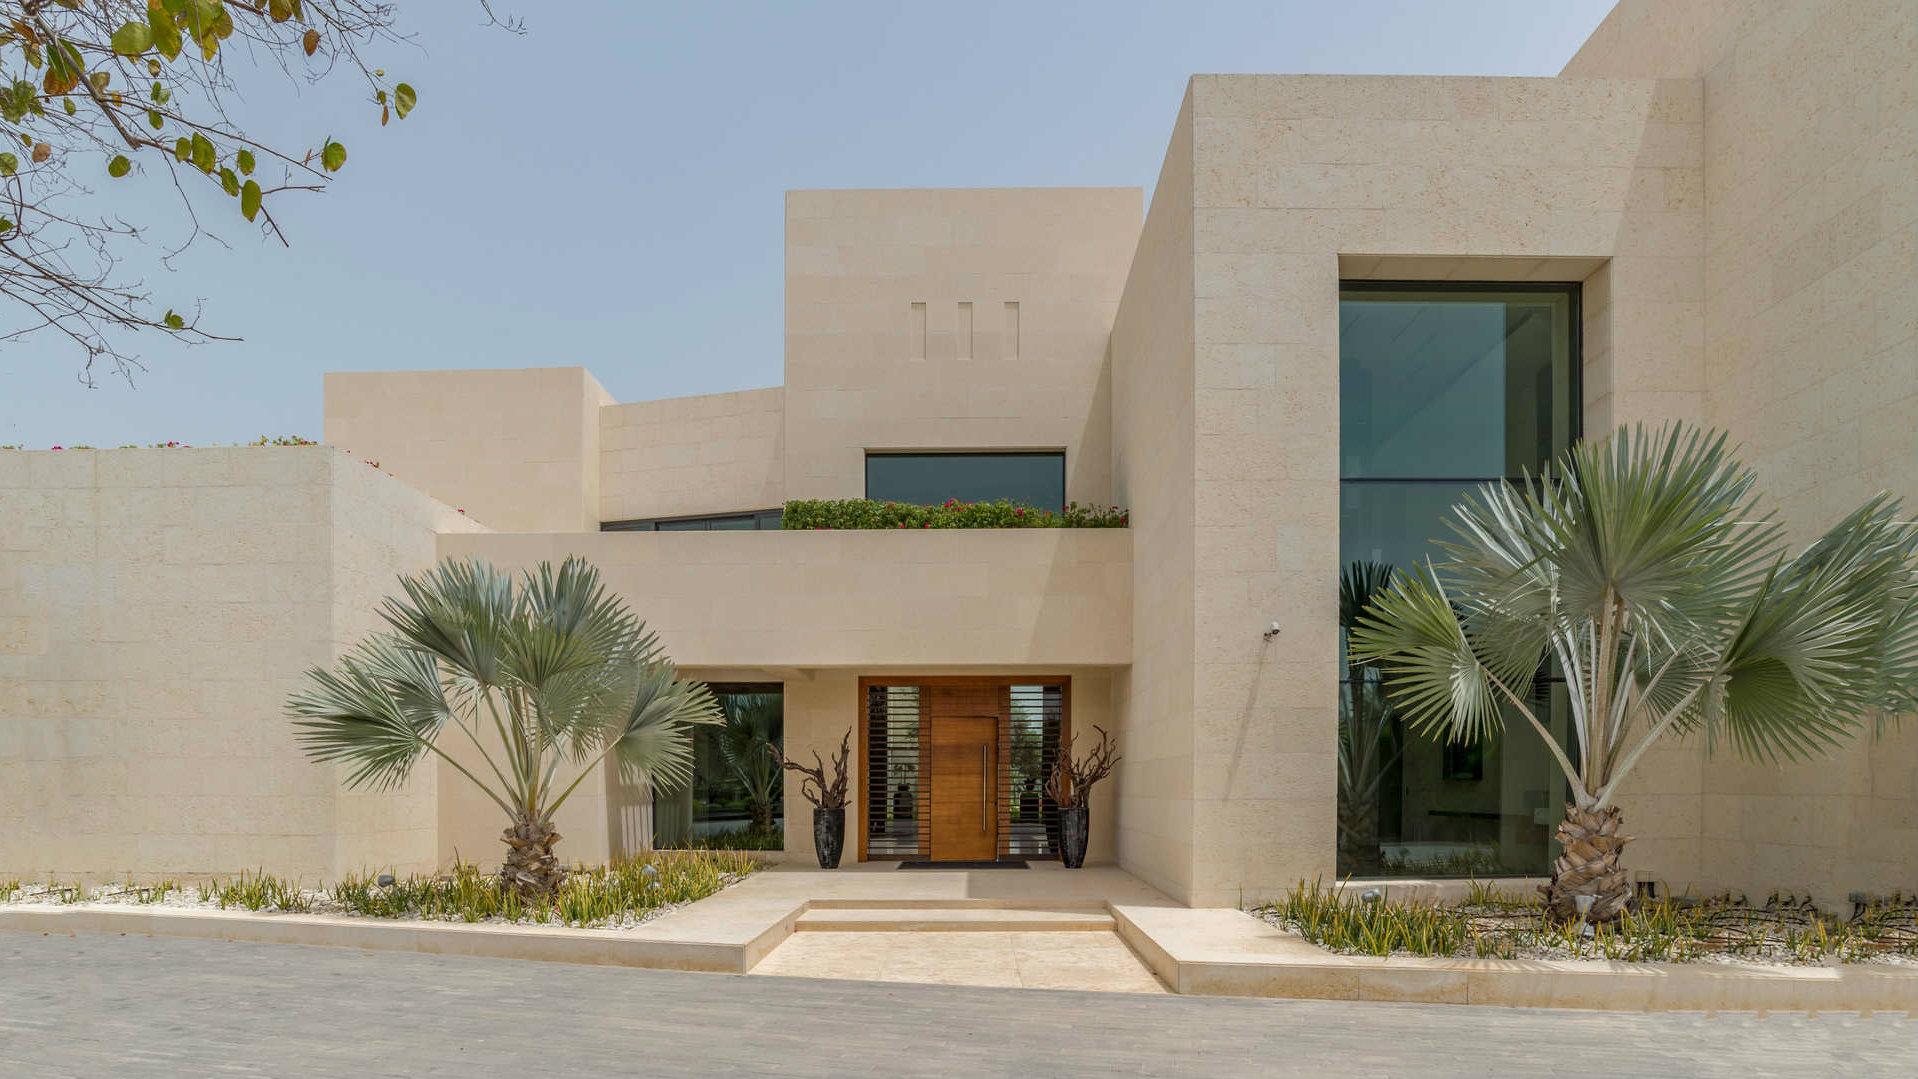 Lebanese architect designs stunning $27 million villa in Dubai   1918 x 1079 jpeg 346kB